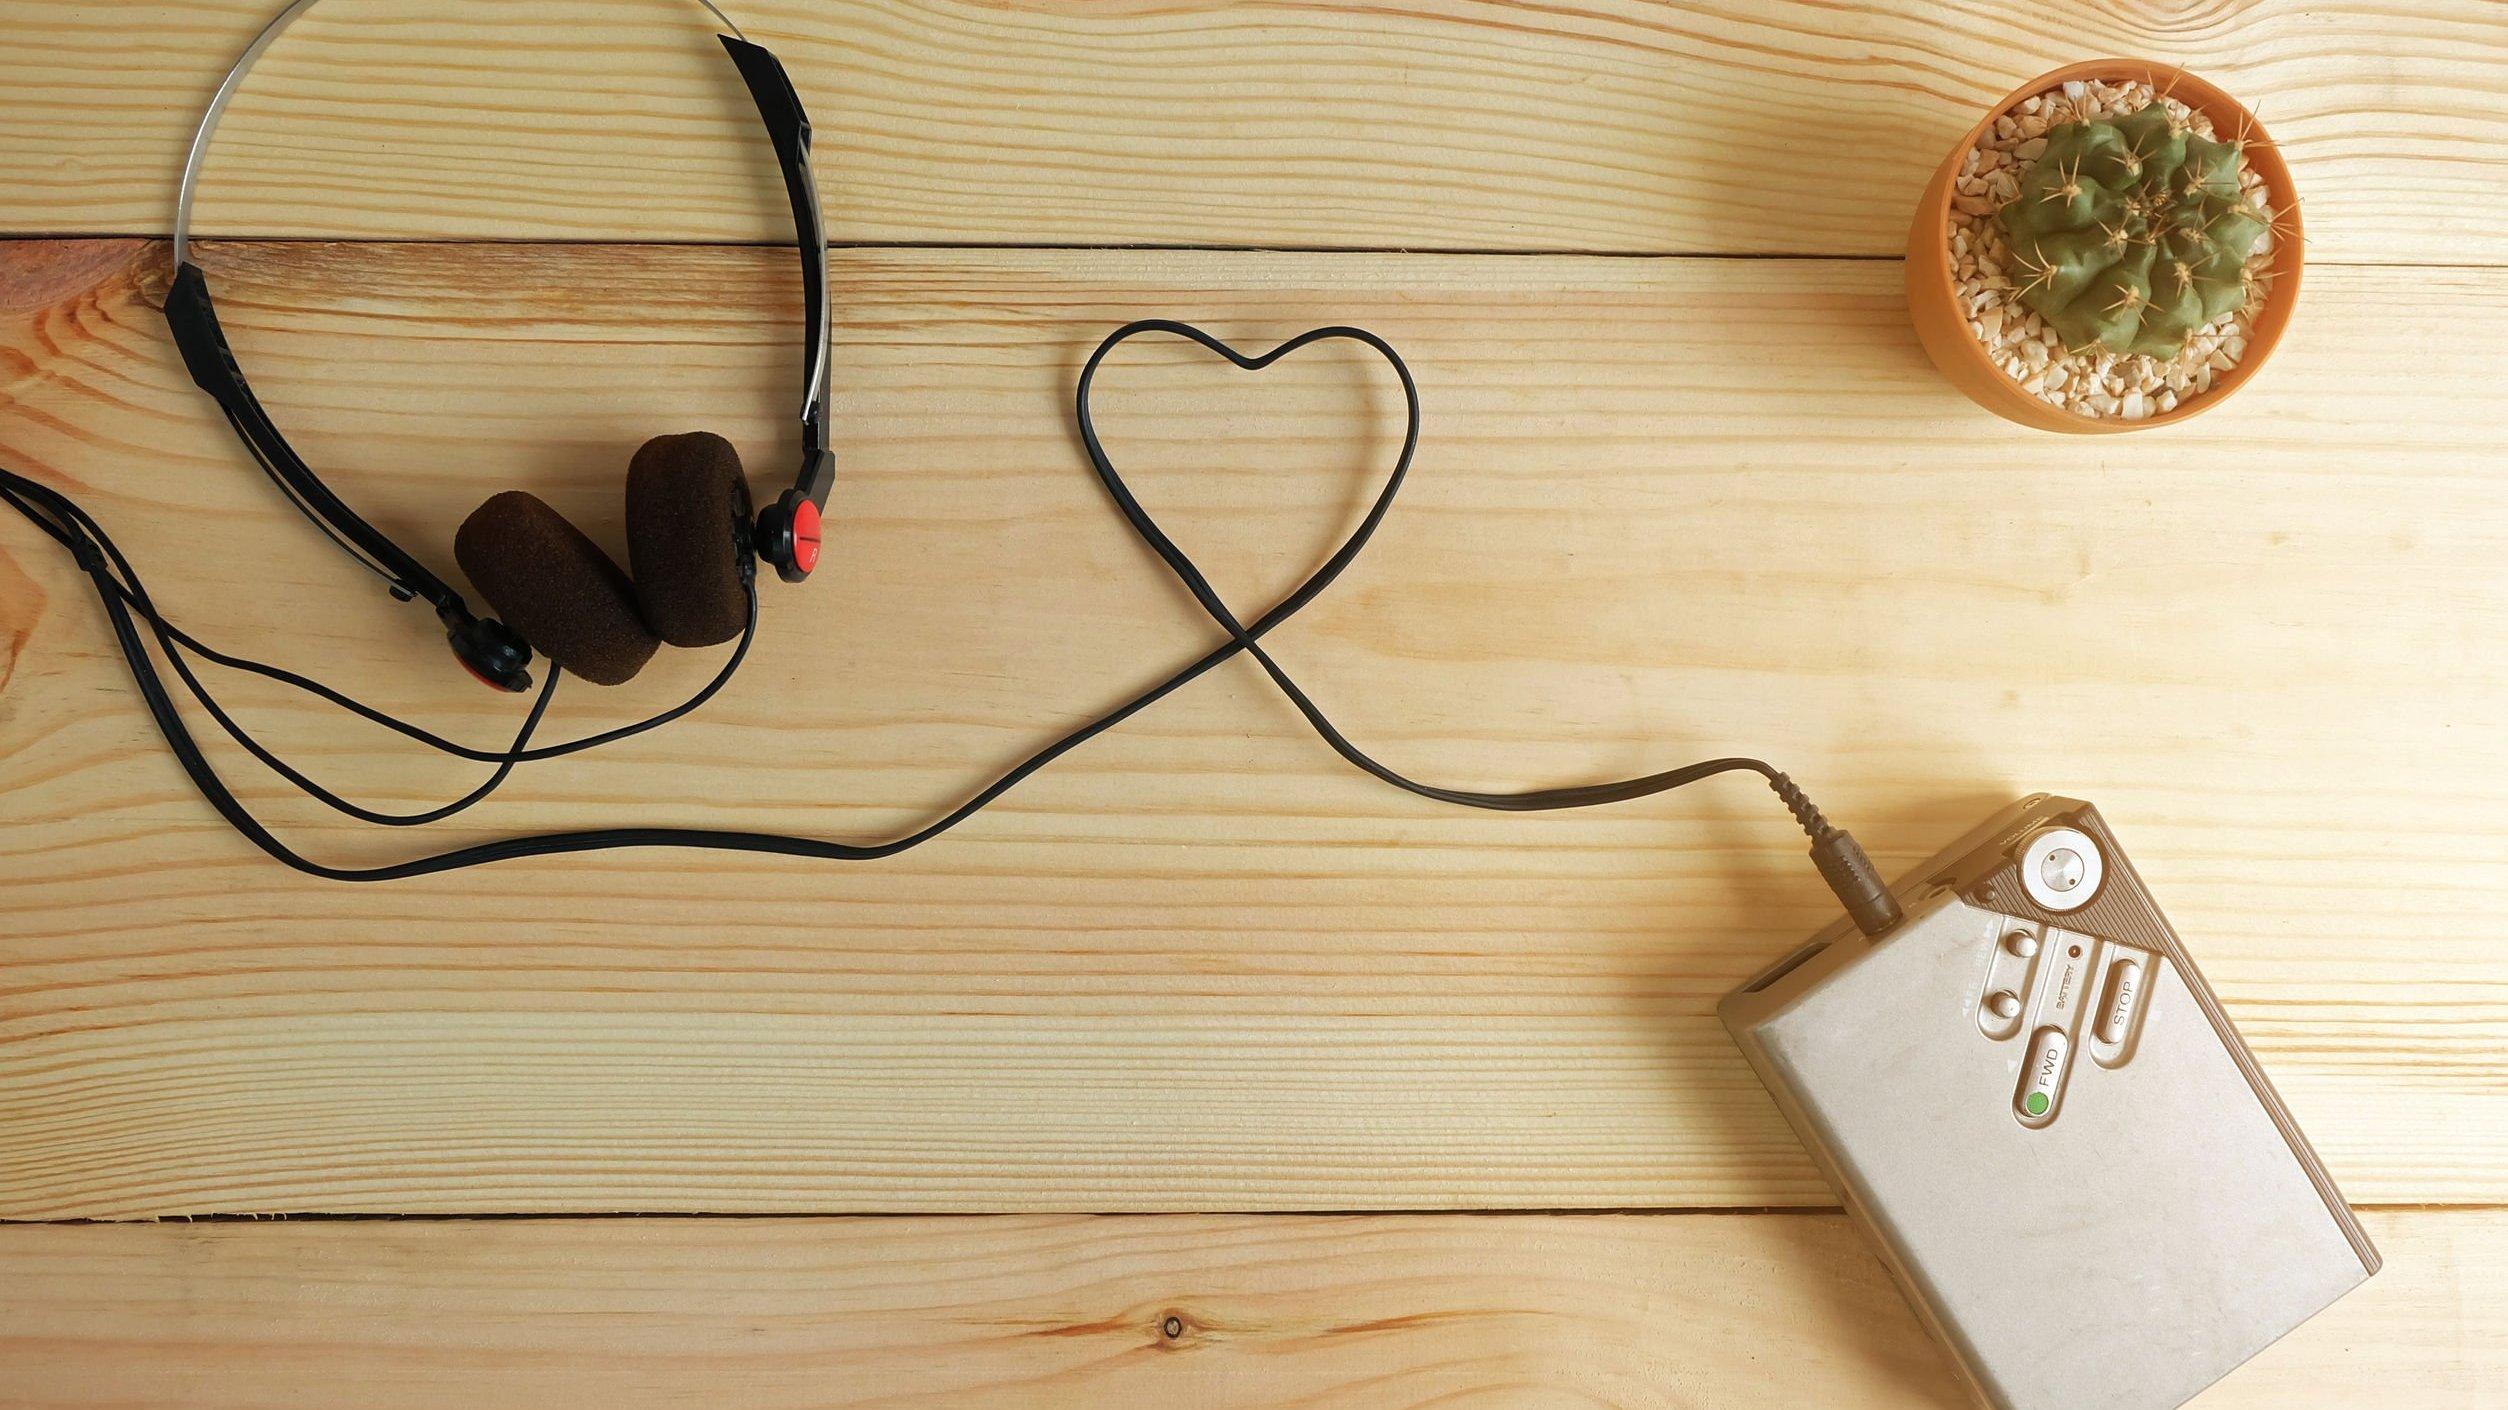 Fio de fone de ouvido de toca fitas enrolado em forma de coração